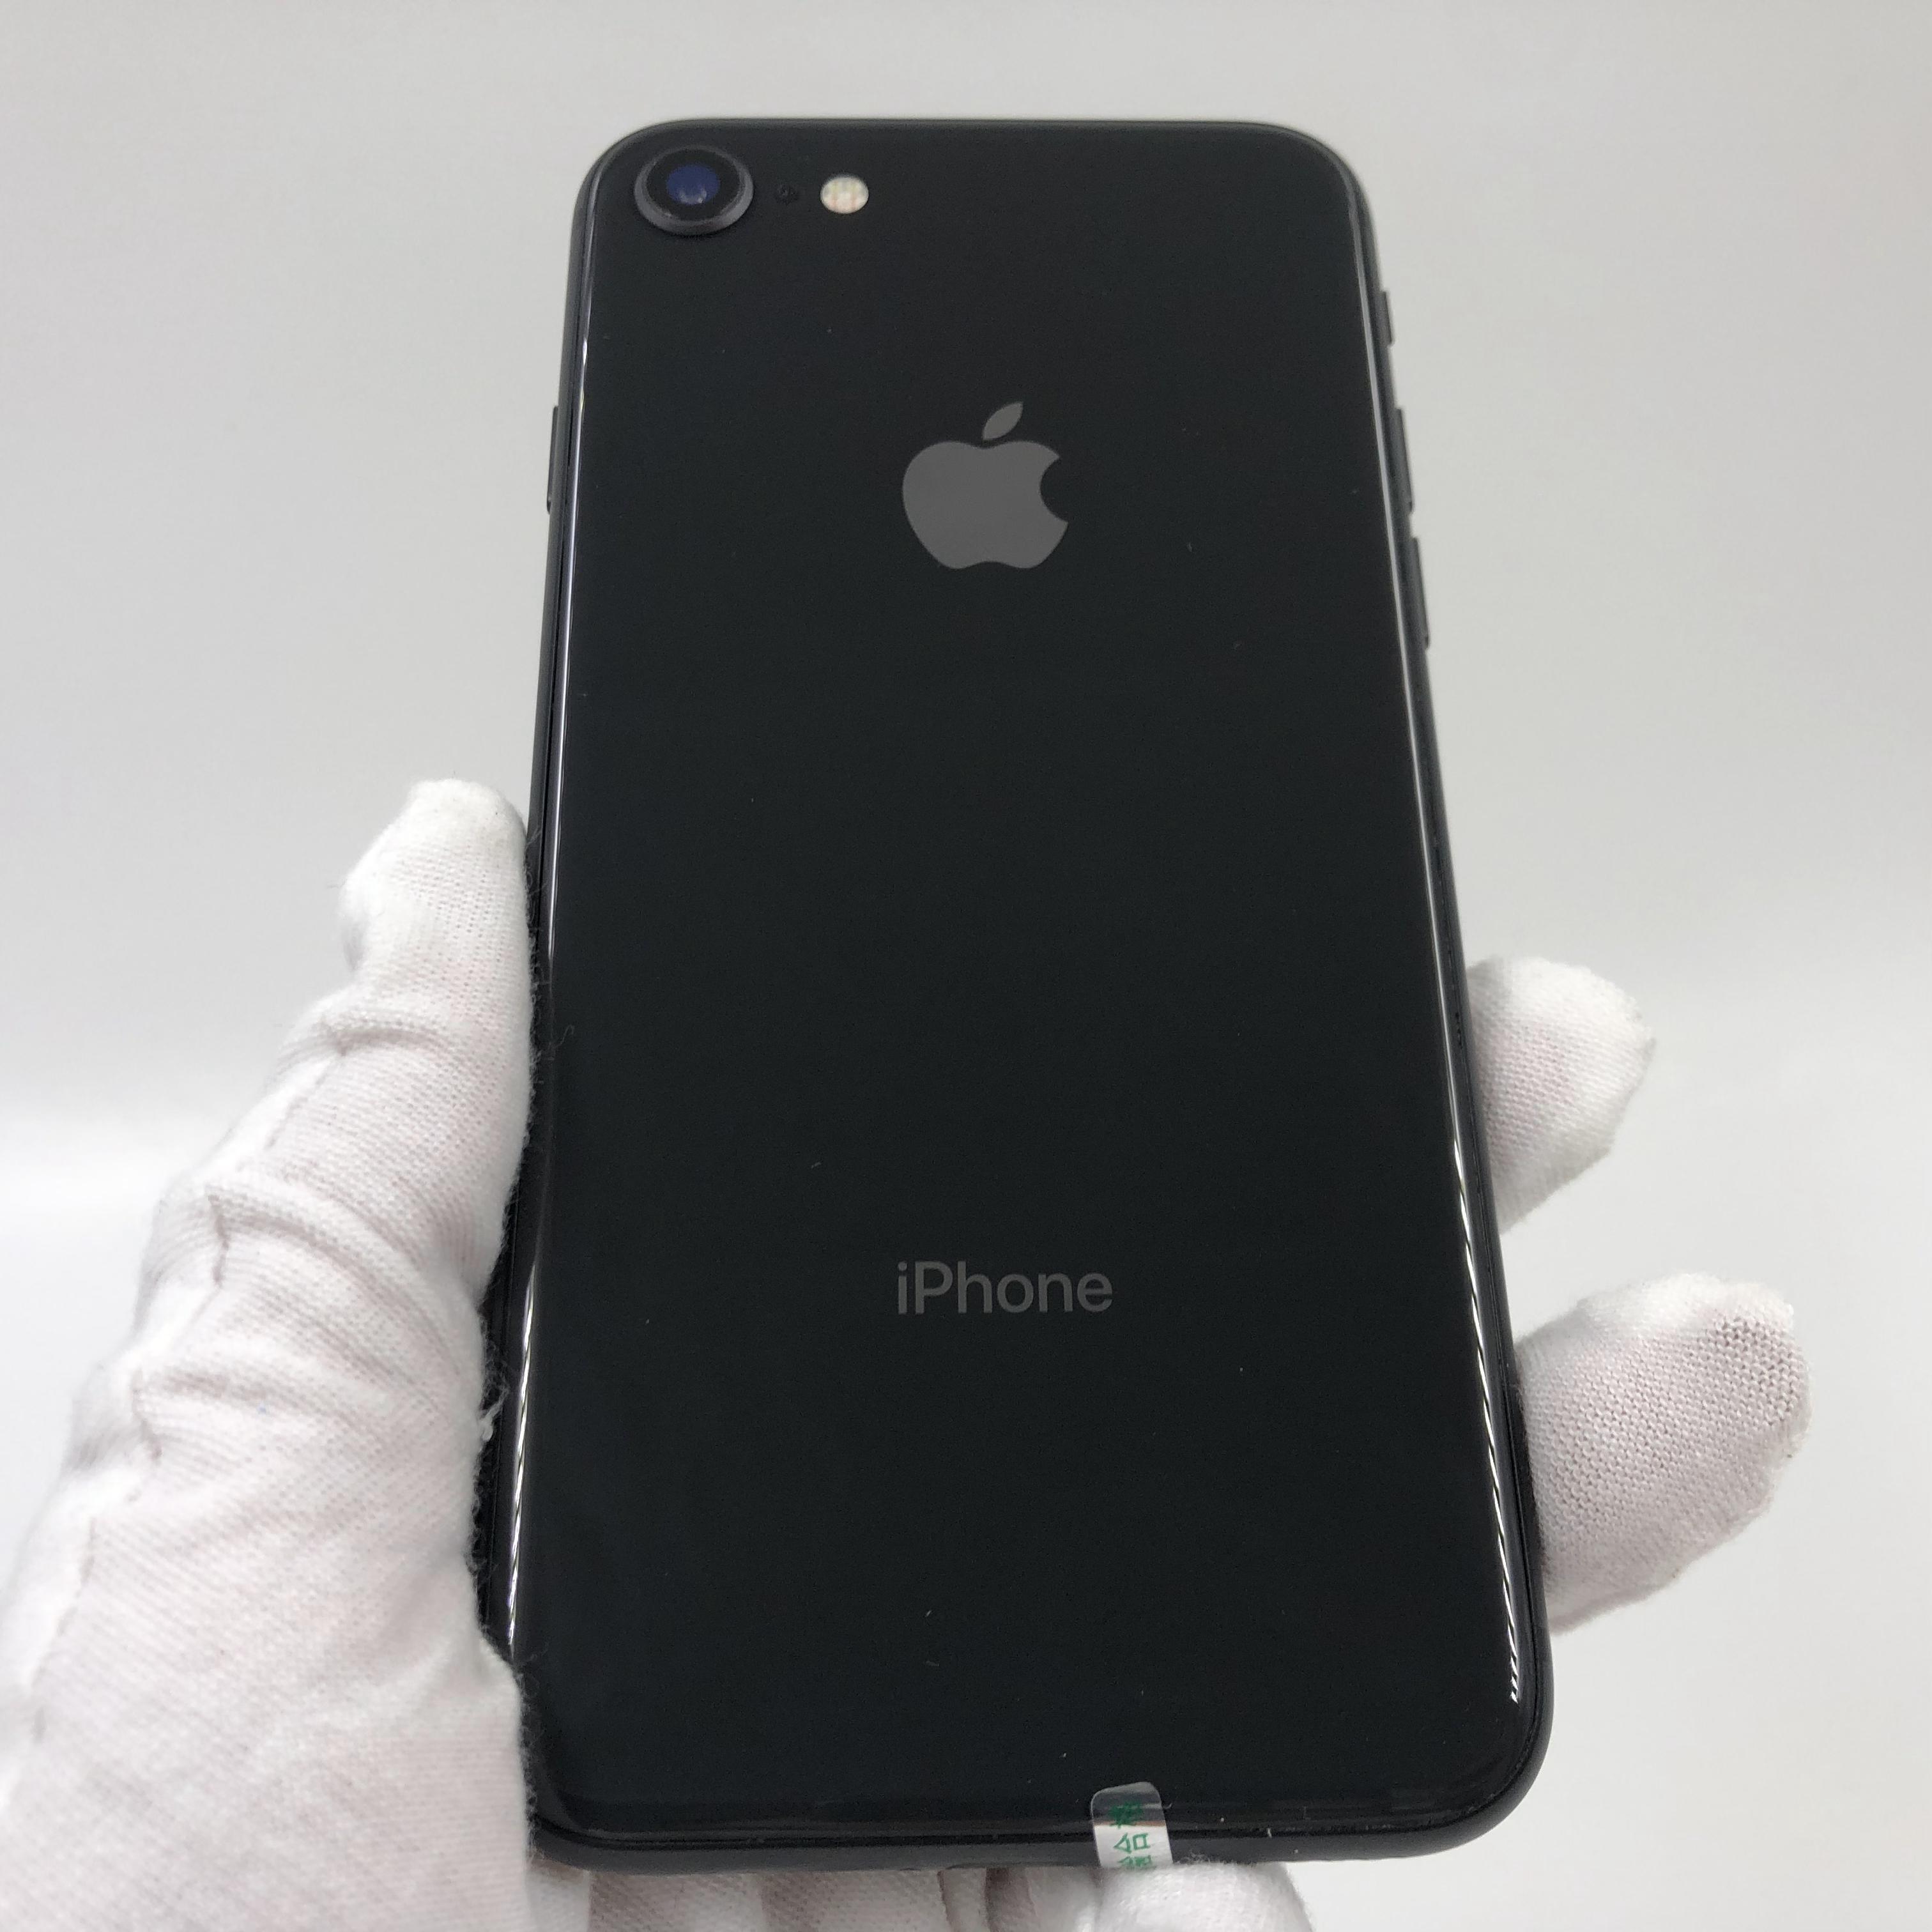 苹果【iPhone 8】4G全网通 深空灰 64G 国行 9成新 真机实拍